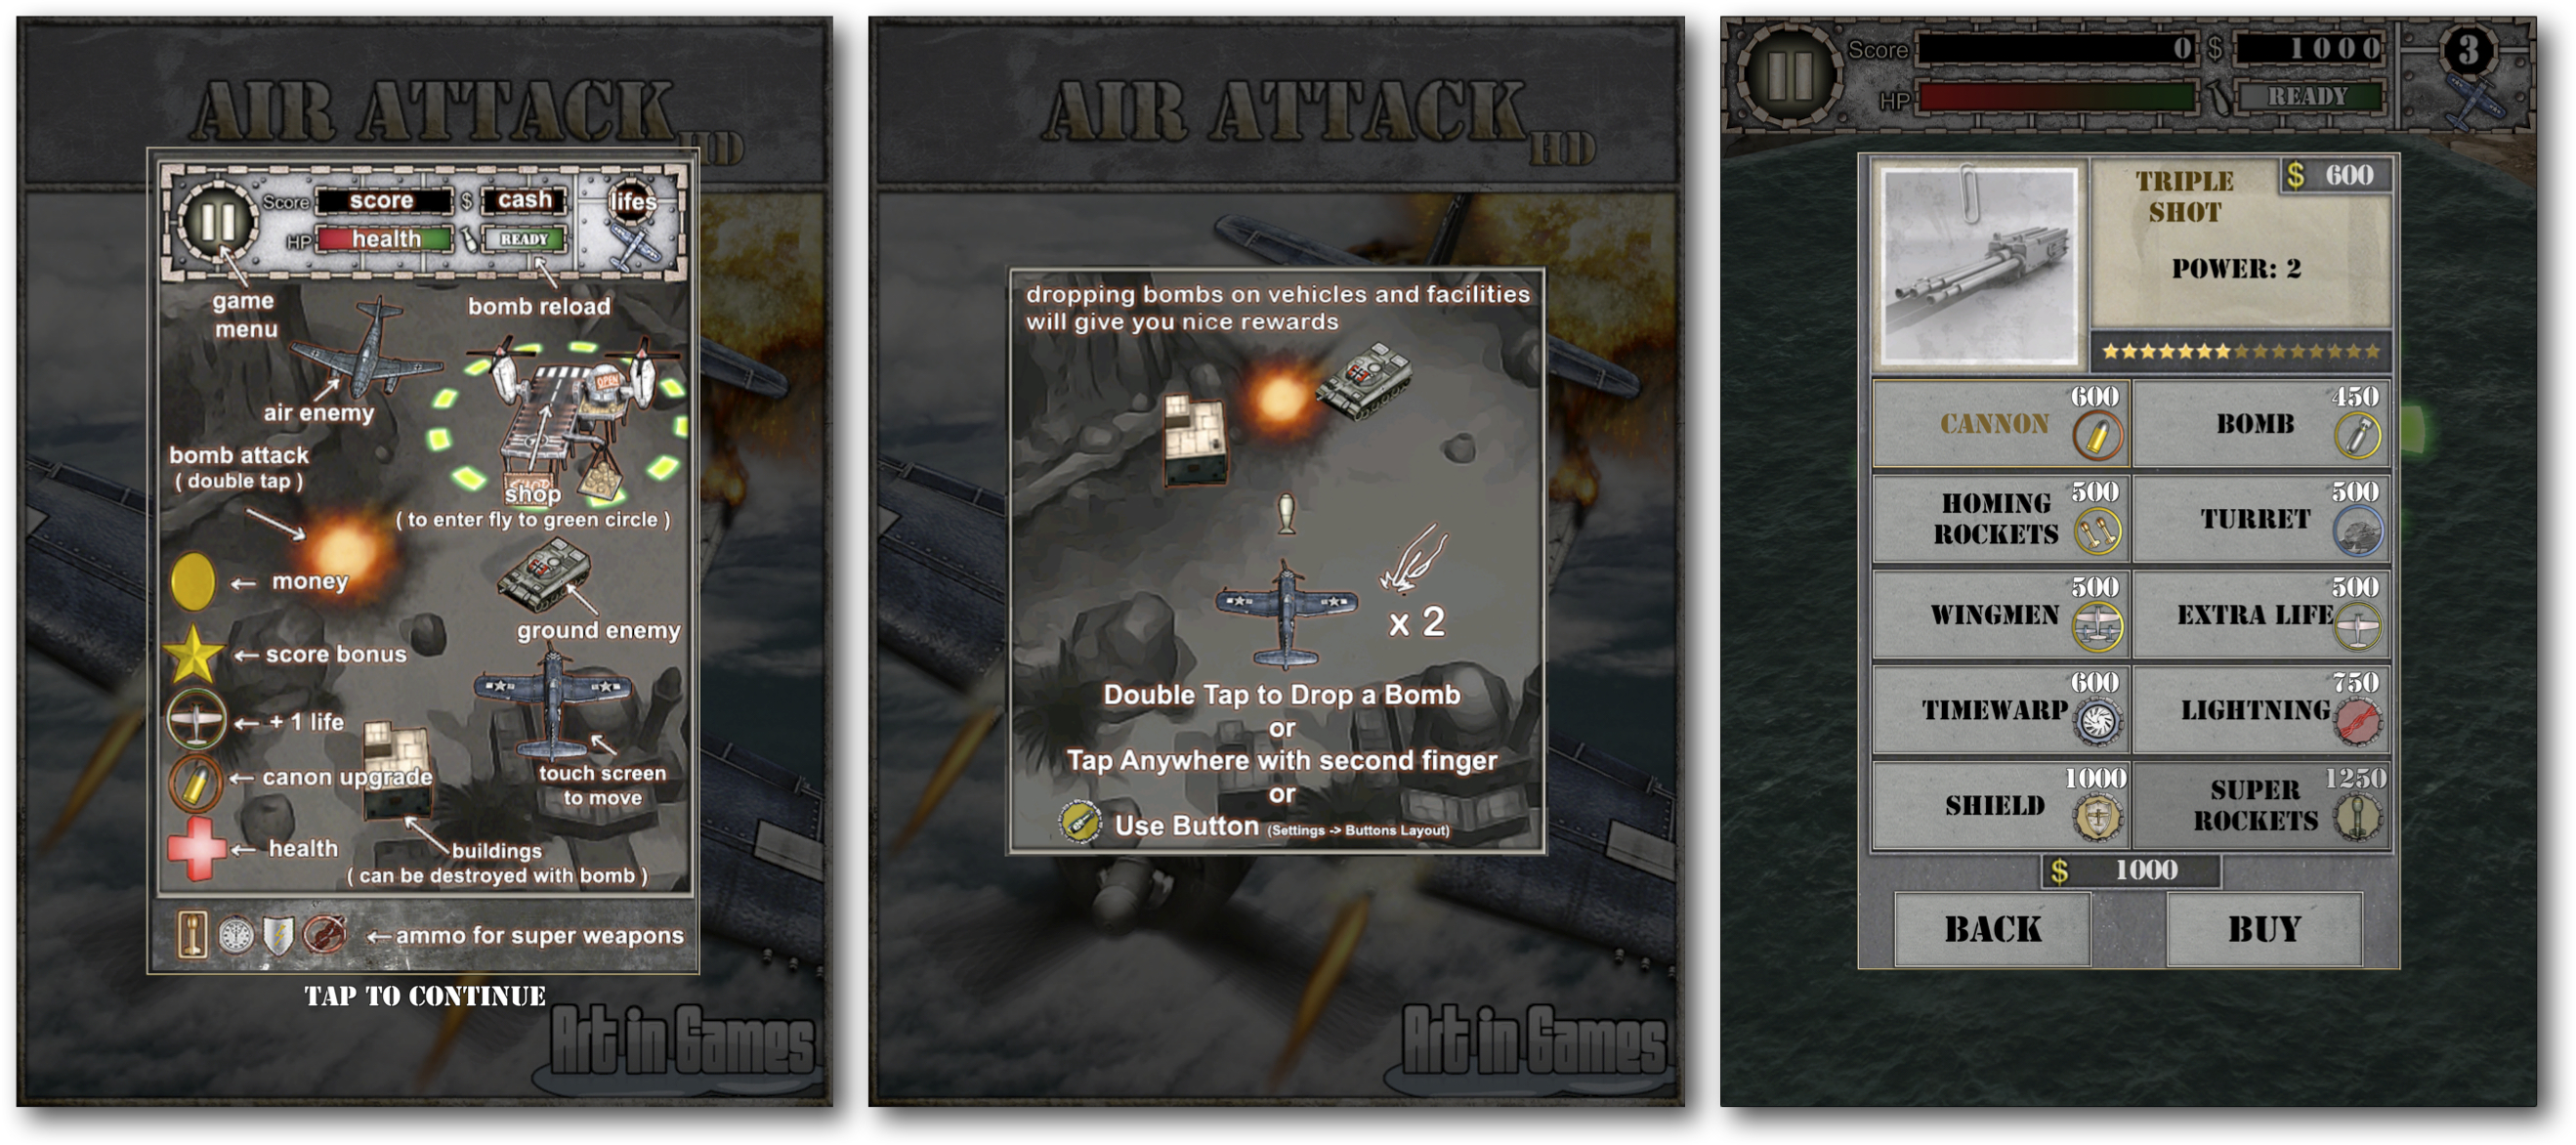 AirAttack